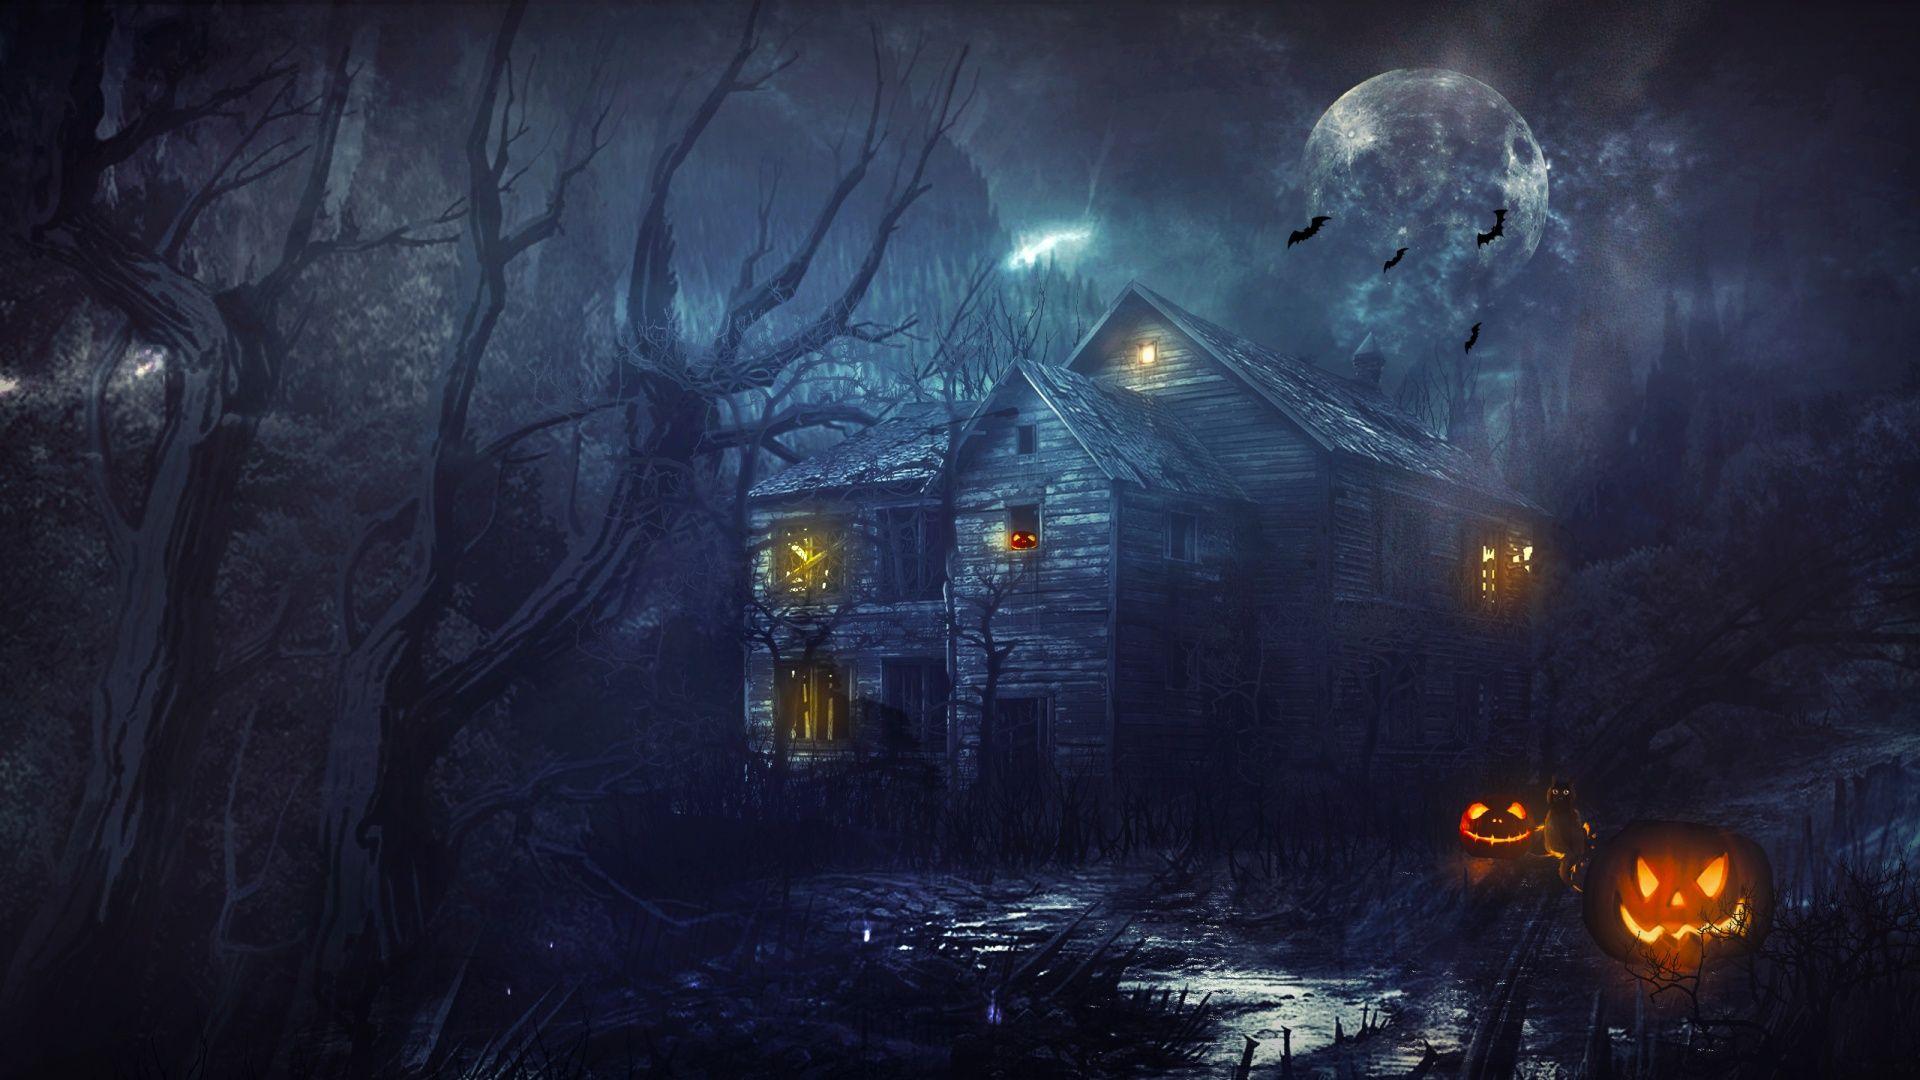 Wonderful Wallpaper Halloween High Resolution - 97ae66a37487e8bb3e4ad733d55372e7  HD_169224.jpg